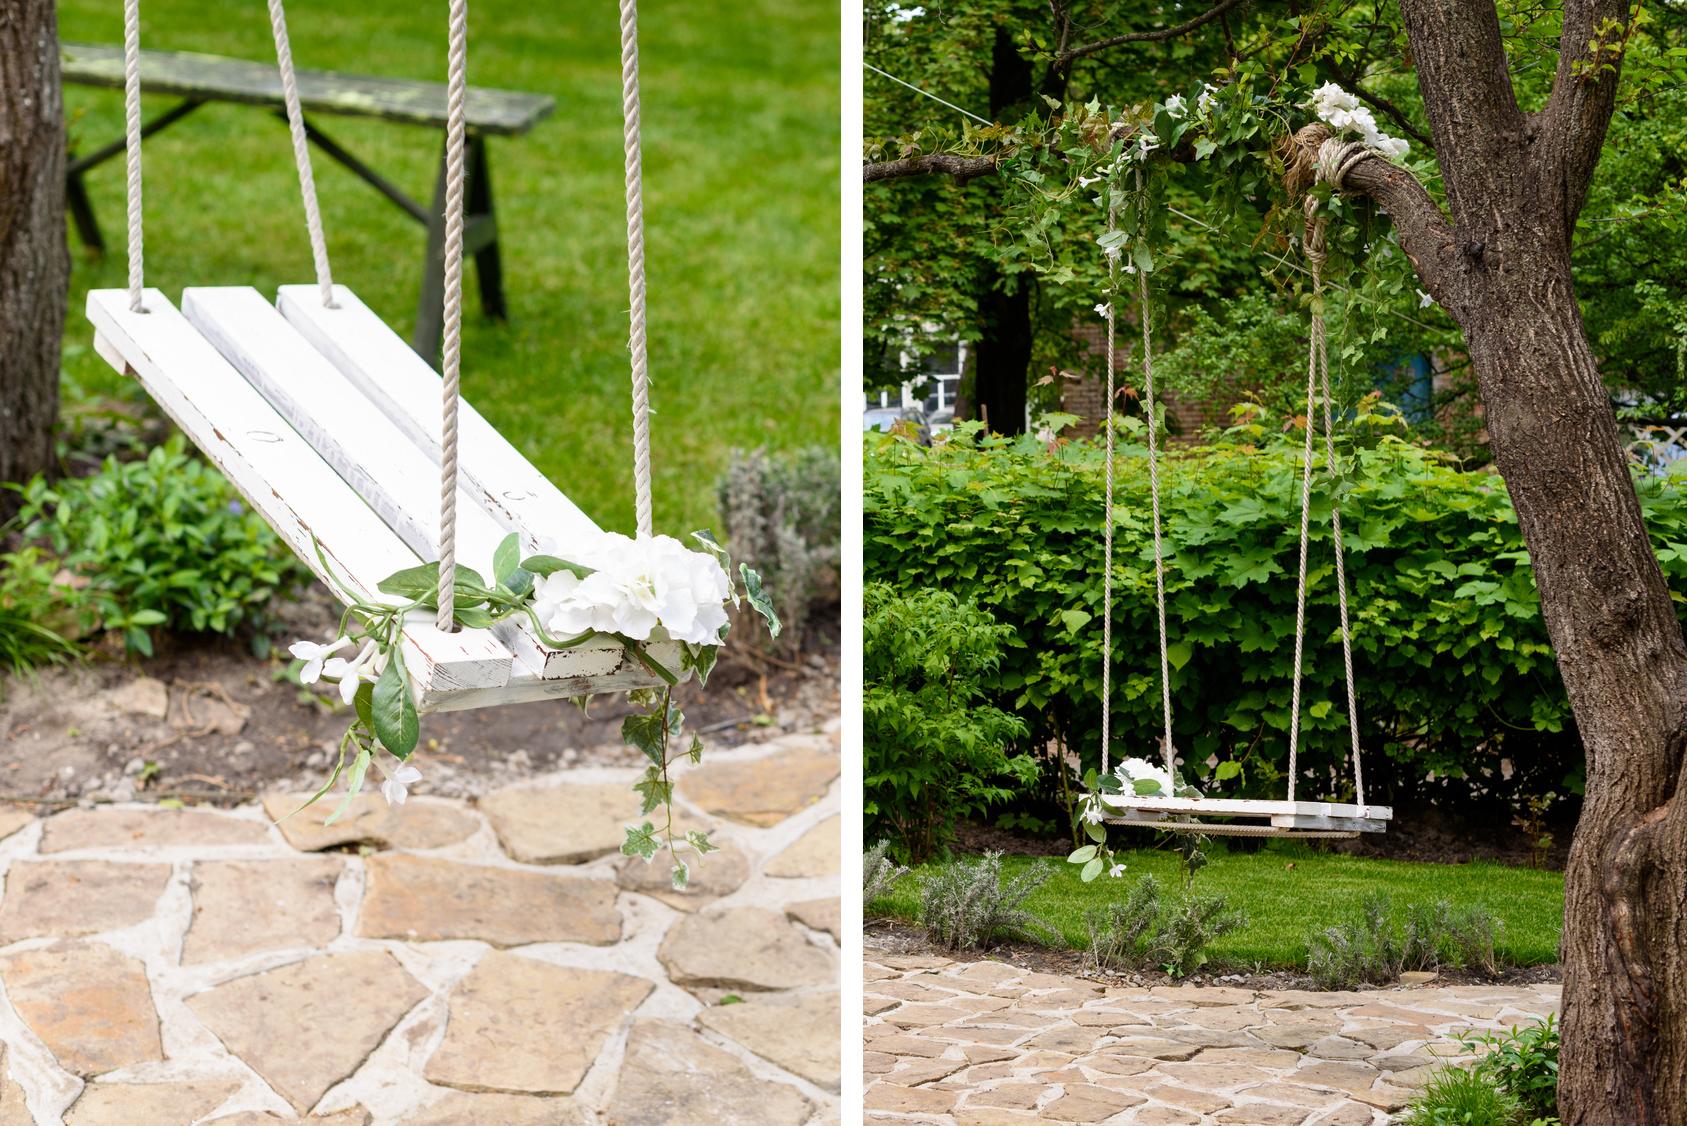 Lina bawełniana jako element huśtawki ogrodowej